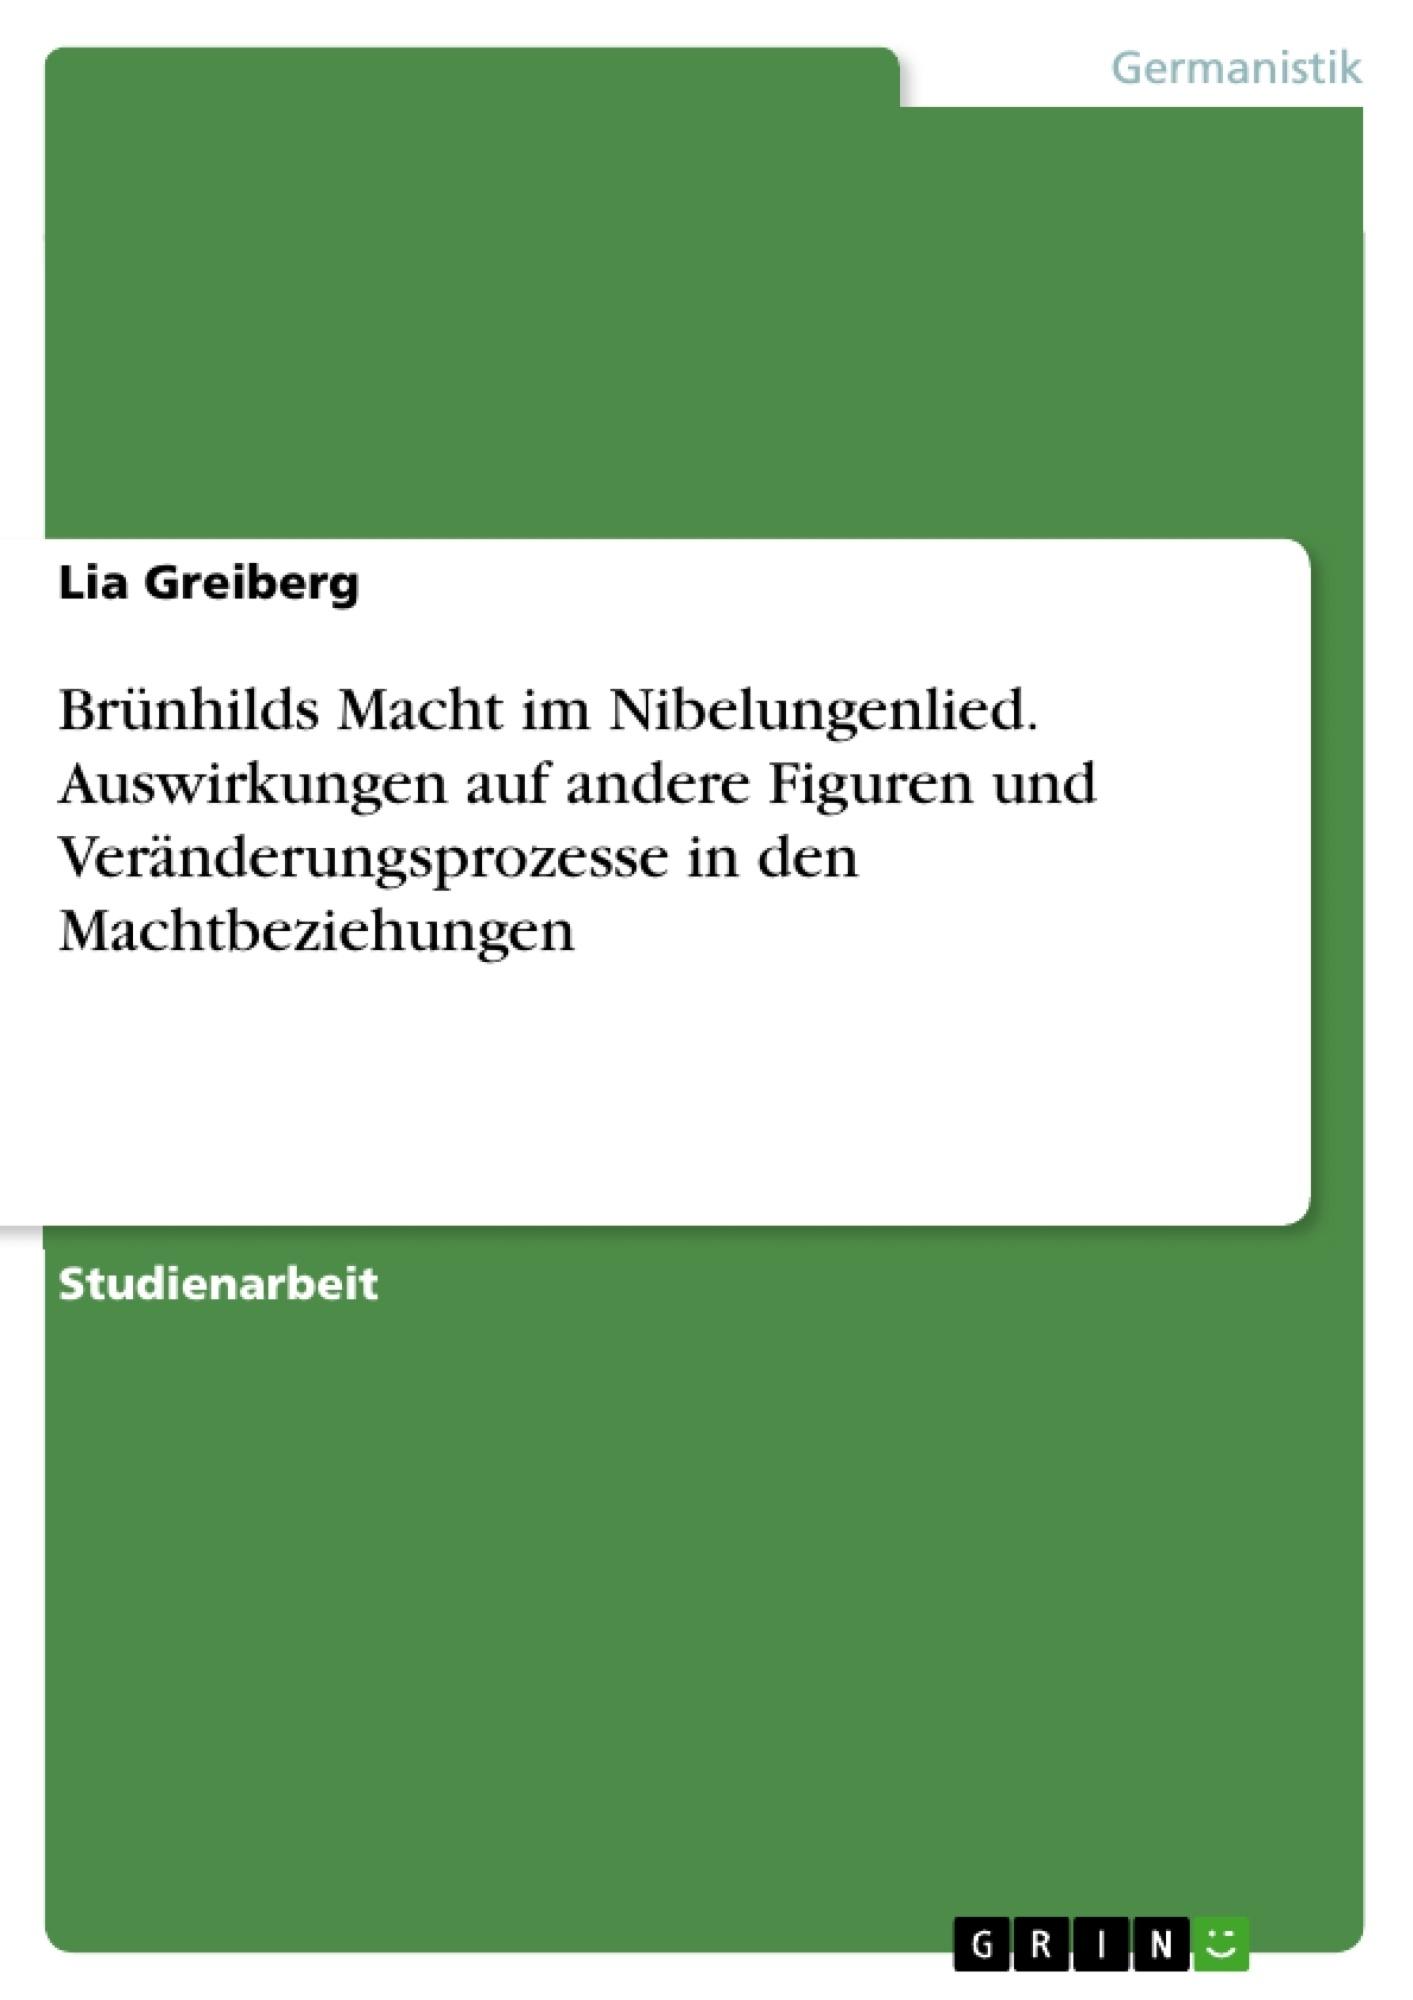 Titel: Brünhilds Macht im Nibelungenlied. Auswirkungen auf andere Figuren und Veränderungsprozesse in den Machtbeziehungen